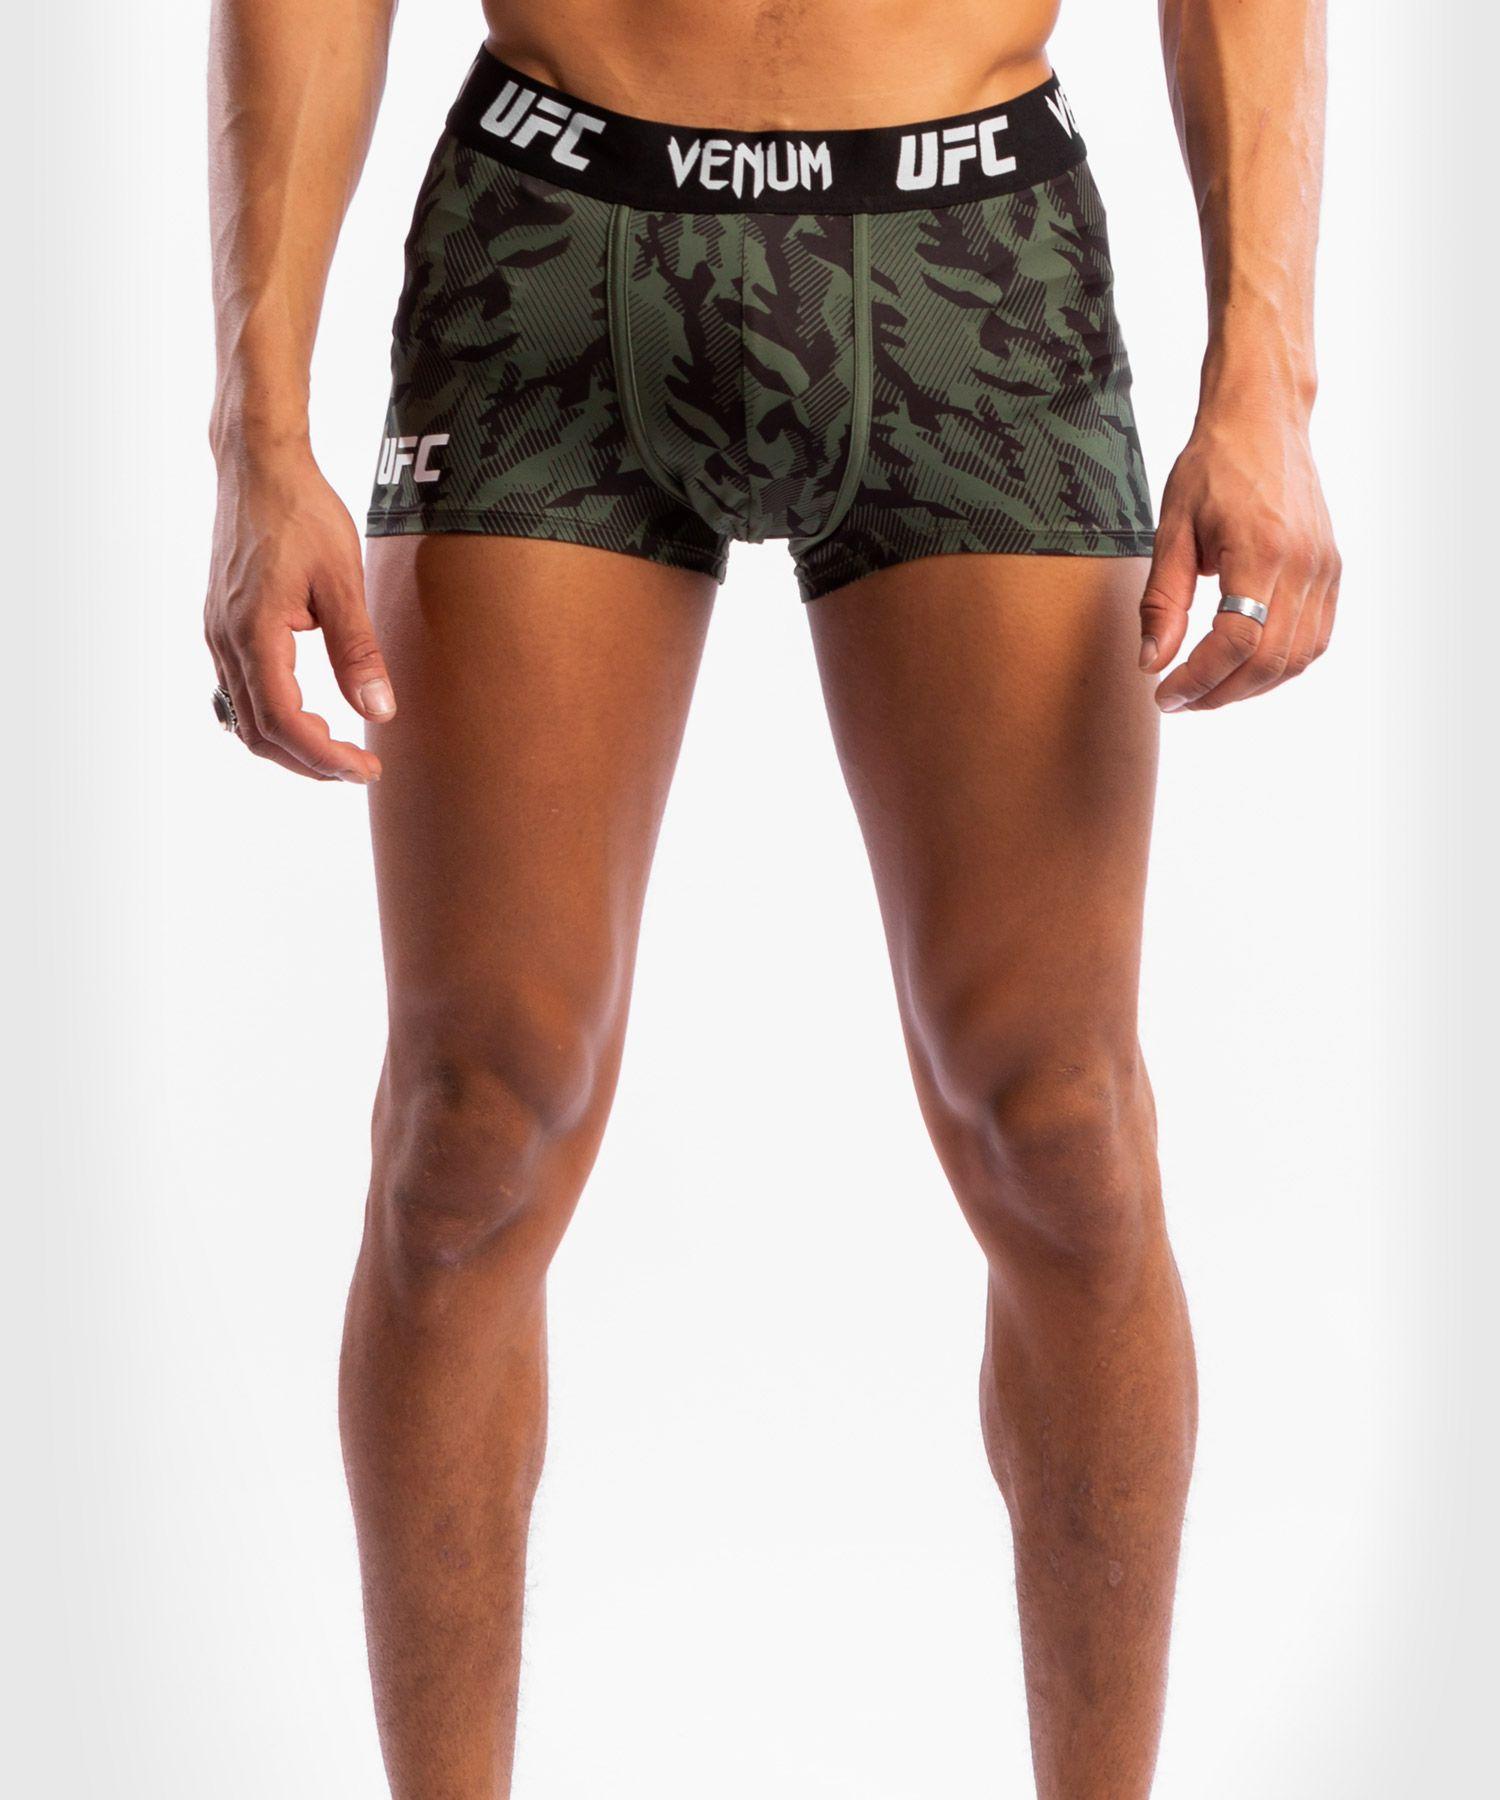 UFC Venum Authentic Fight Week Men's Weigh-in Underwear - Khaki